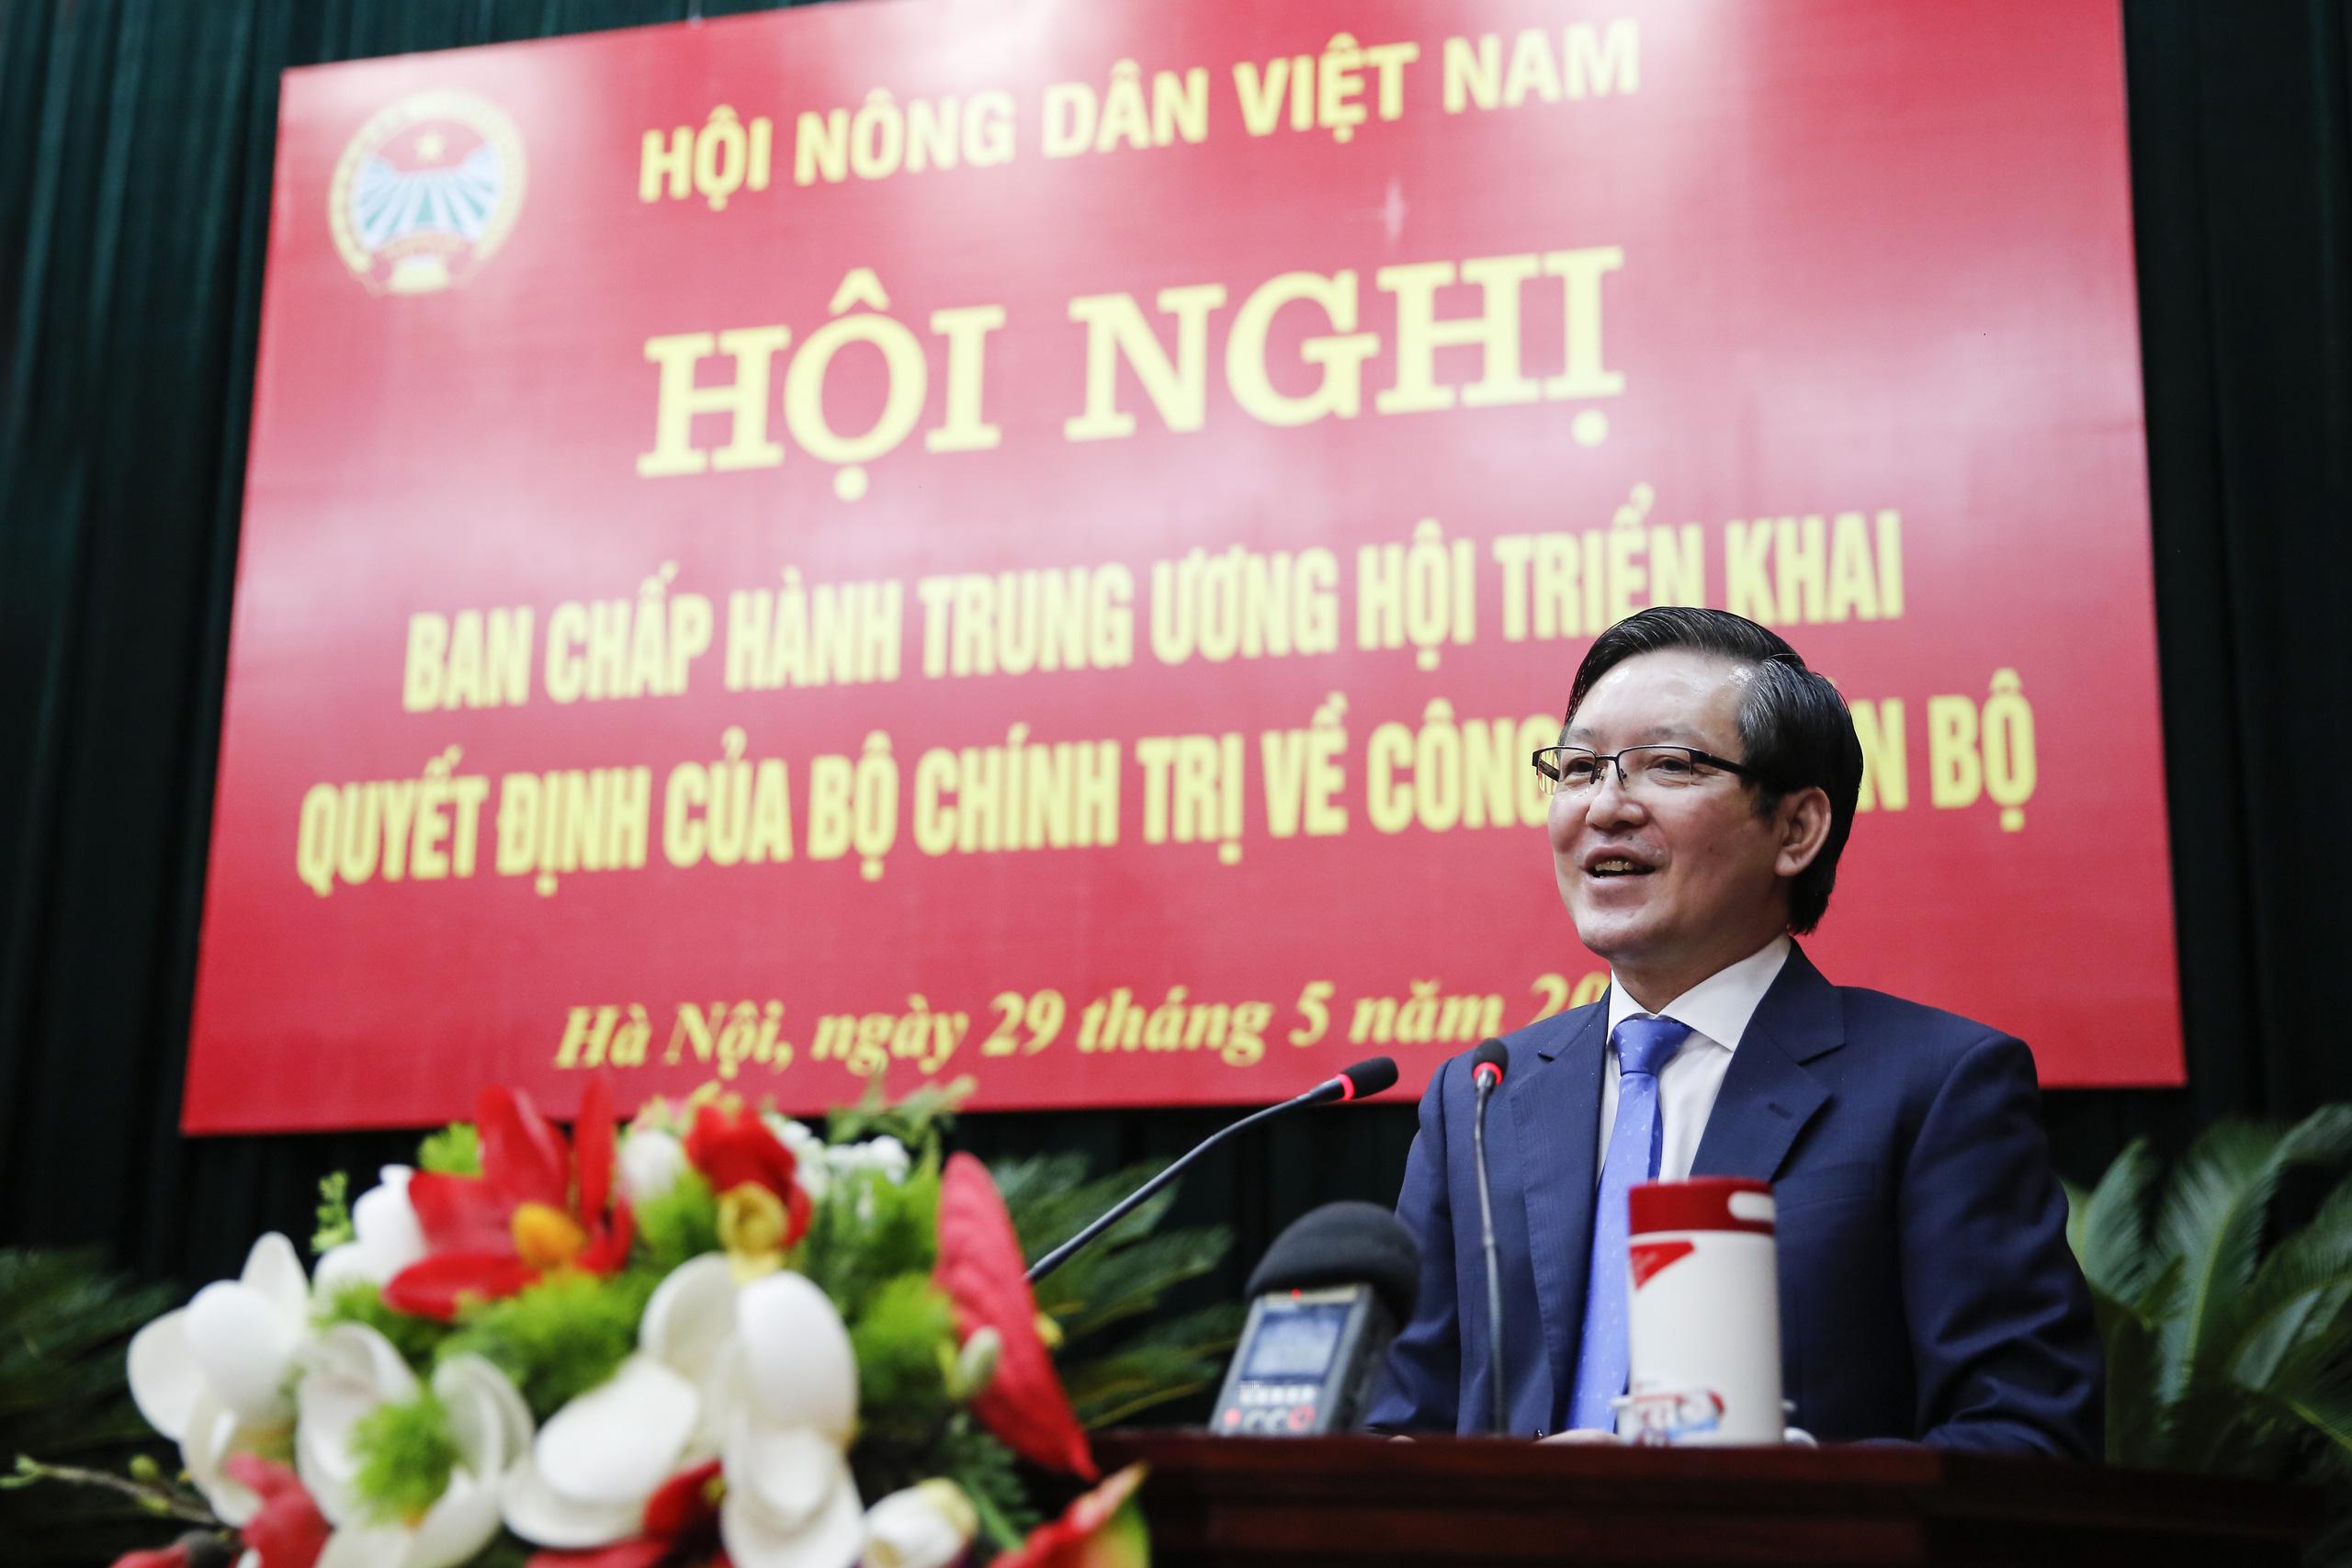 Ông Lương Quốc Đoàn được bầu giữ chức Chủ tịch Hội Nông dân Việt Nam - Ảnh 3.